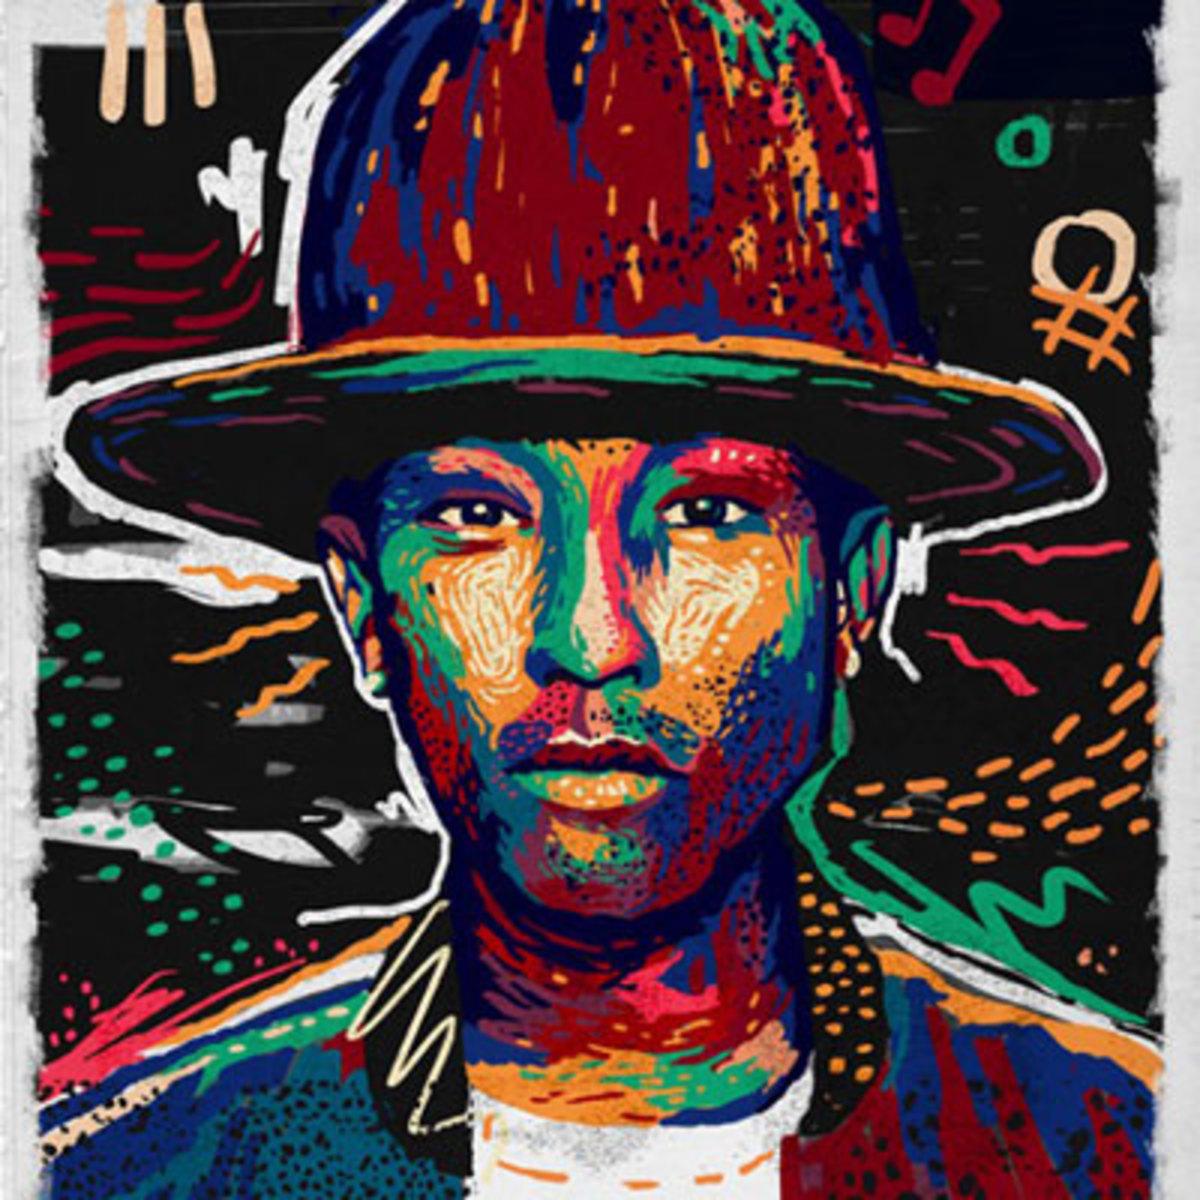 pharrell-blurred-lines-sampling.jpg